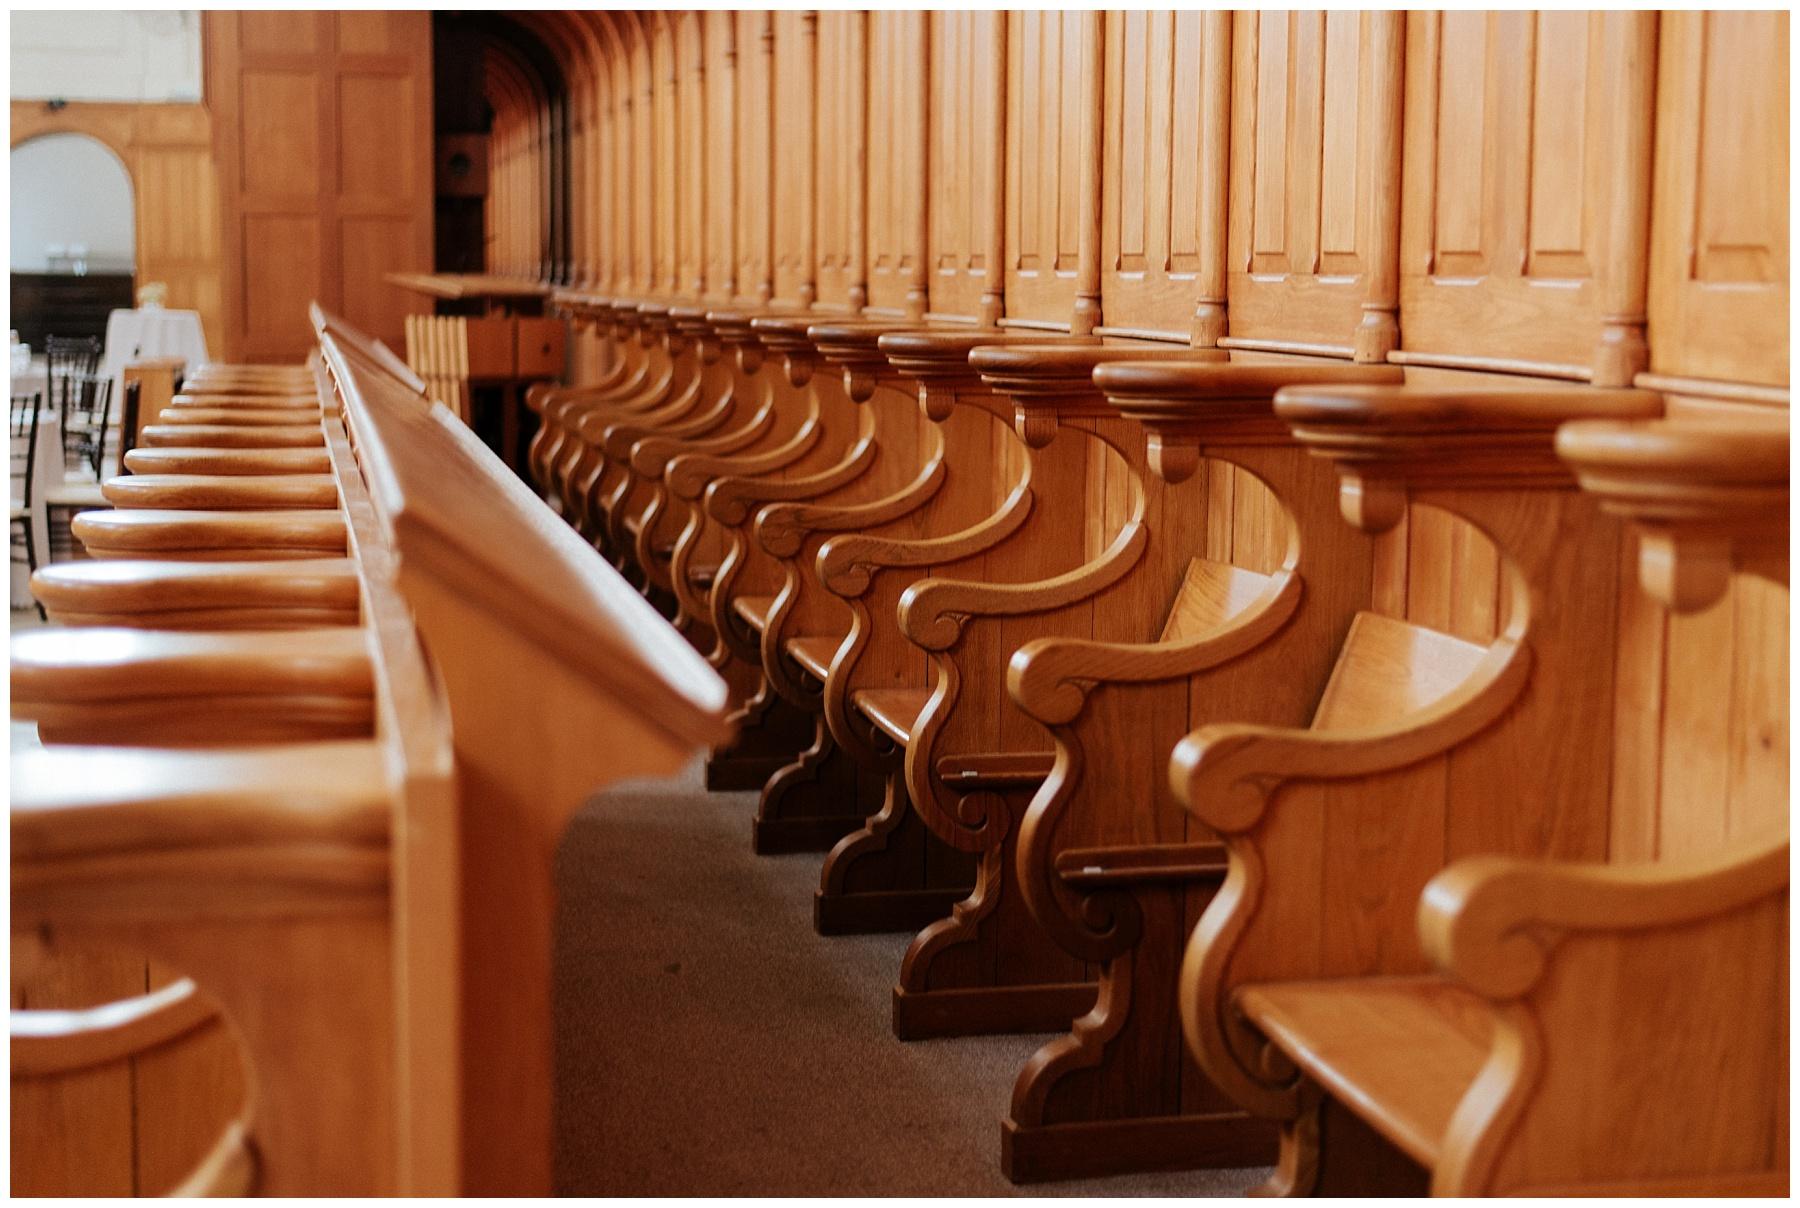 Les bancs en bois francs de l'église d'origine sont encore présent à l'intérieur de la salle de réception.